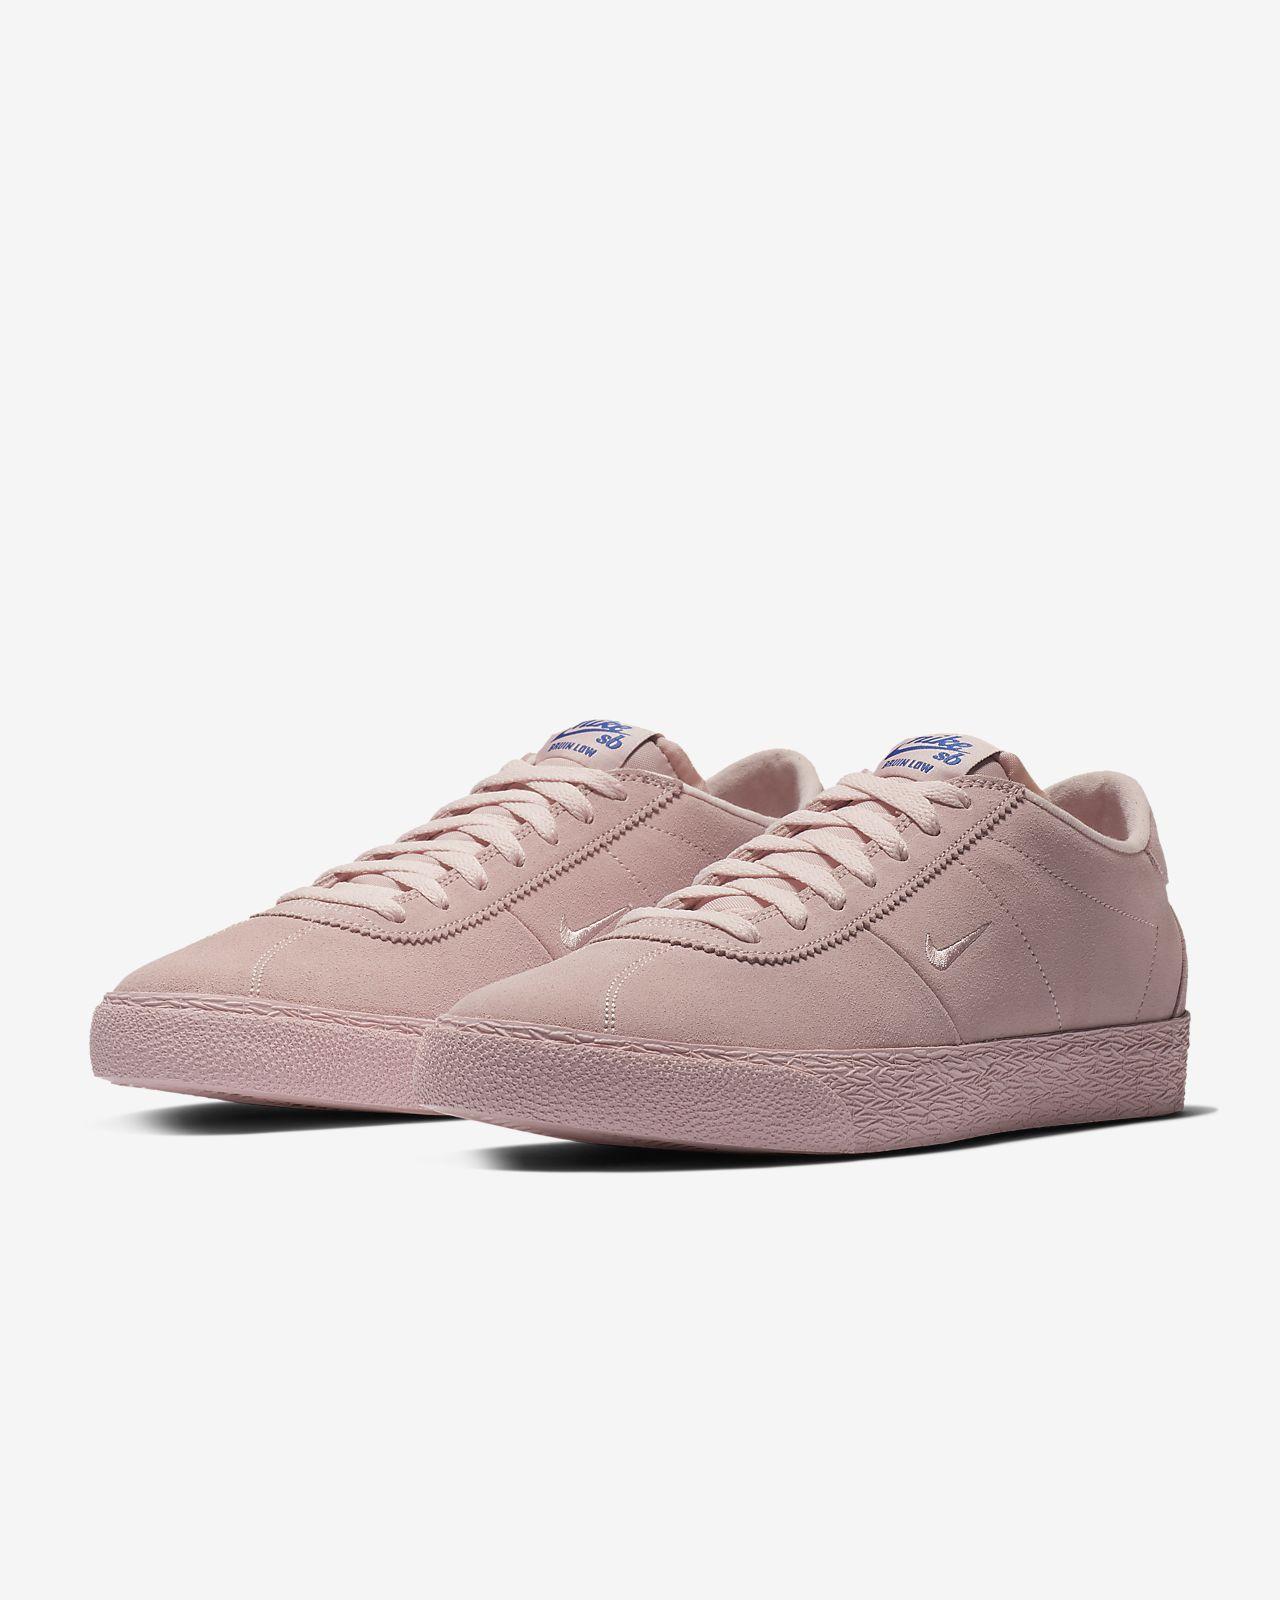 Details about NBA X Nike SB Bruin Low Pink Bubblegum Size 7 8 9 10 11 12 Mens Shoes AR1574 669